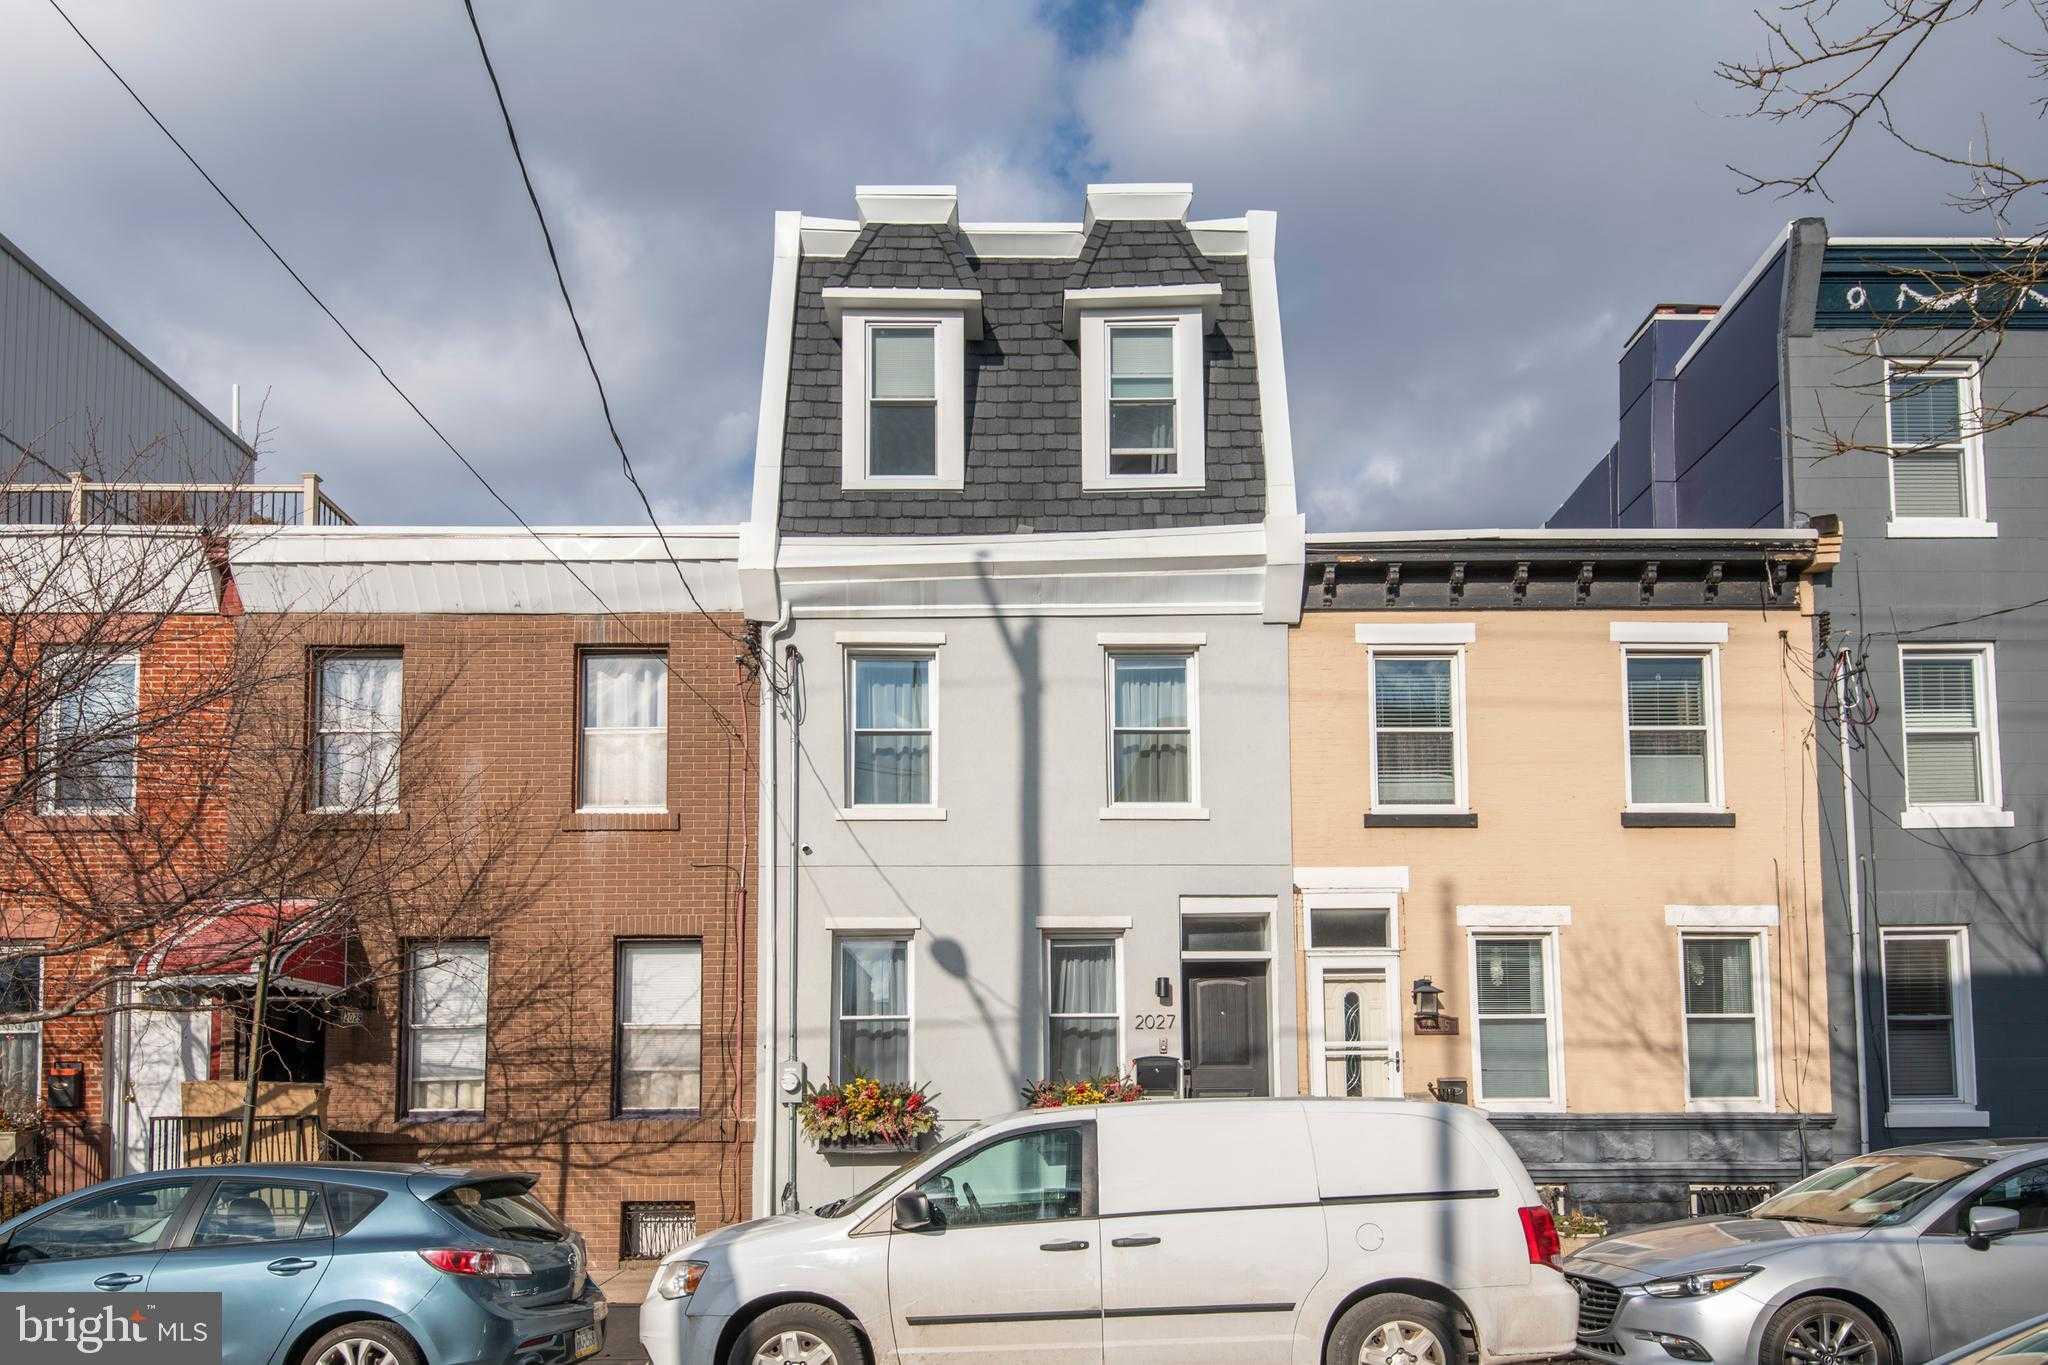 $950,000 - 3Br/3Ba -  for Sale in Graduate Hospital, Philadelphia